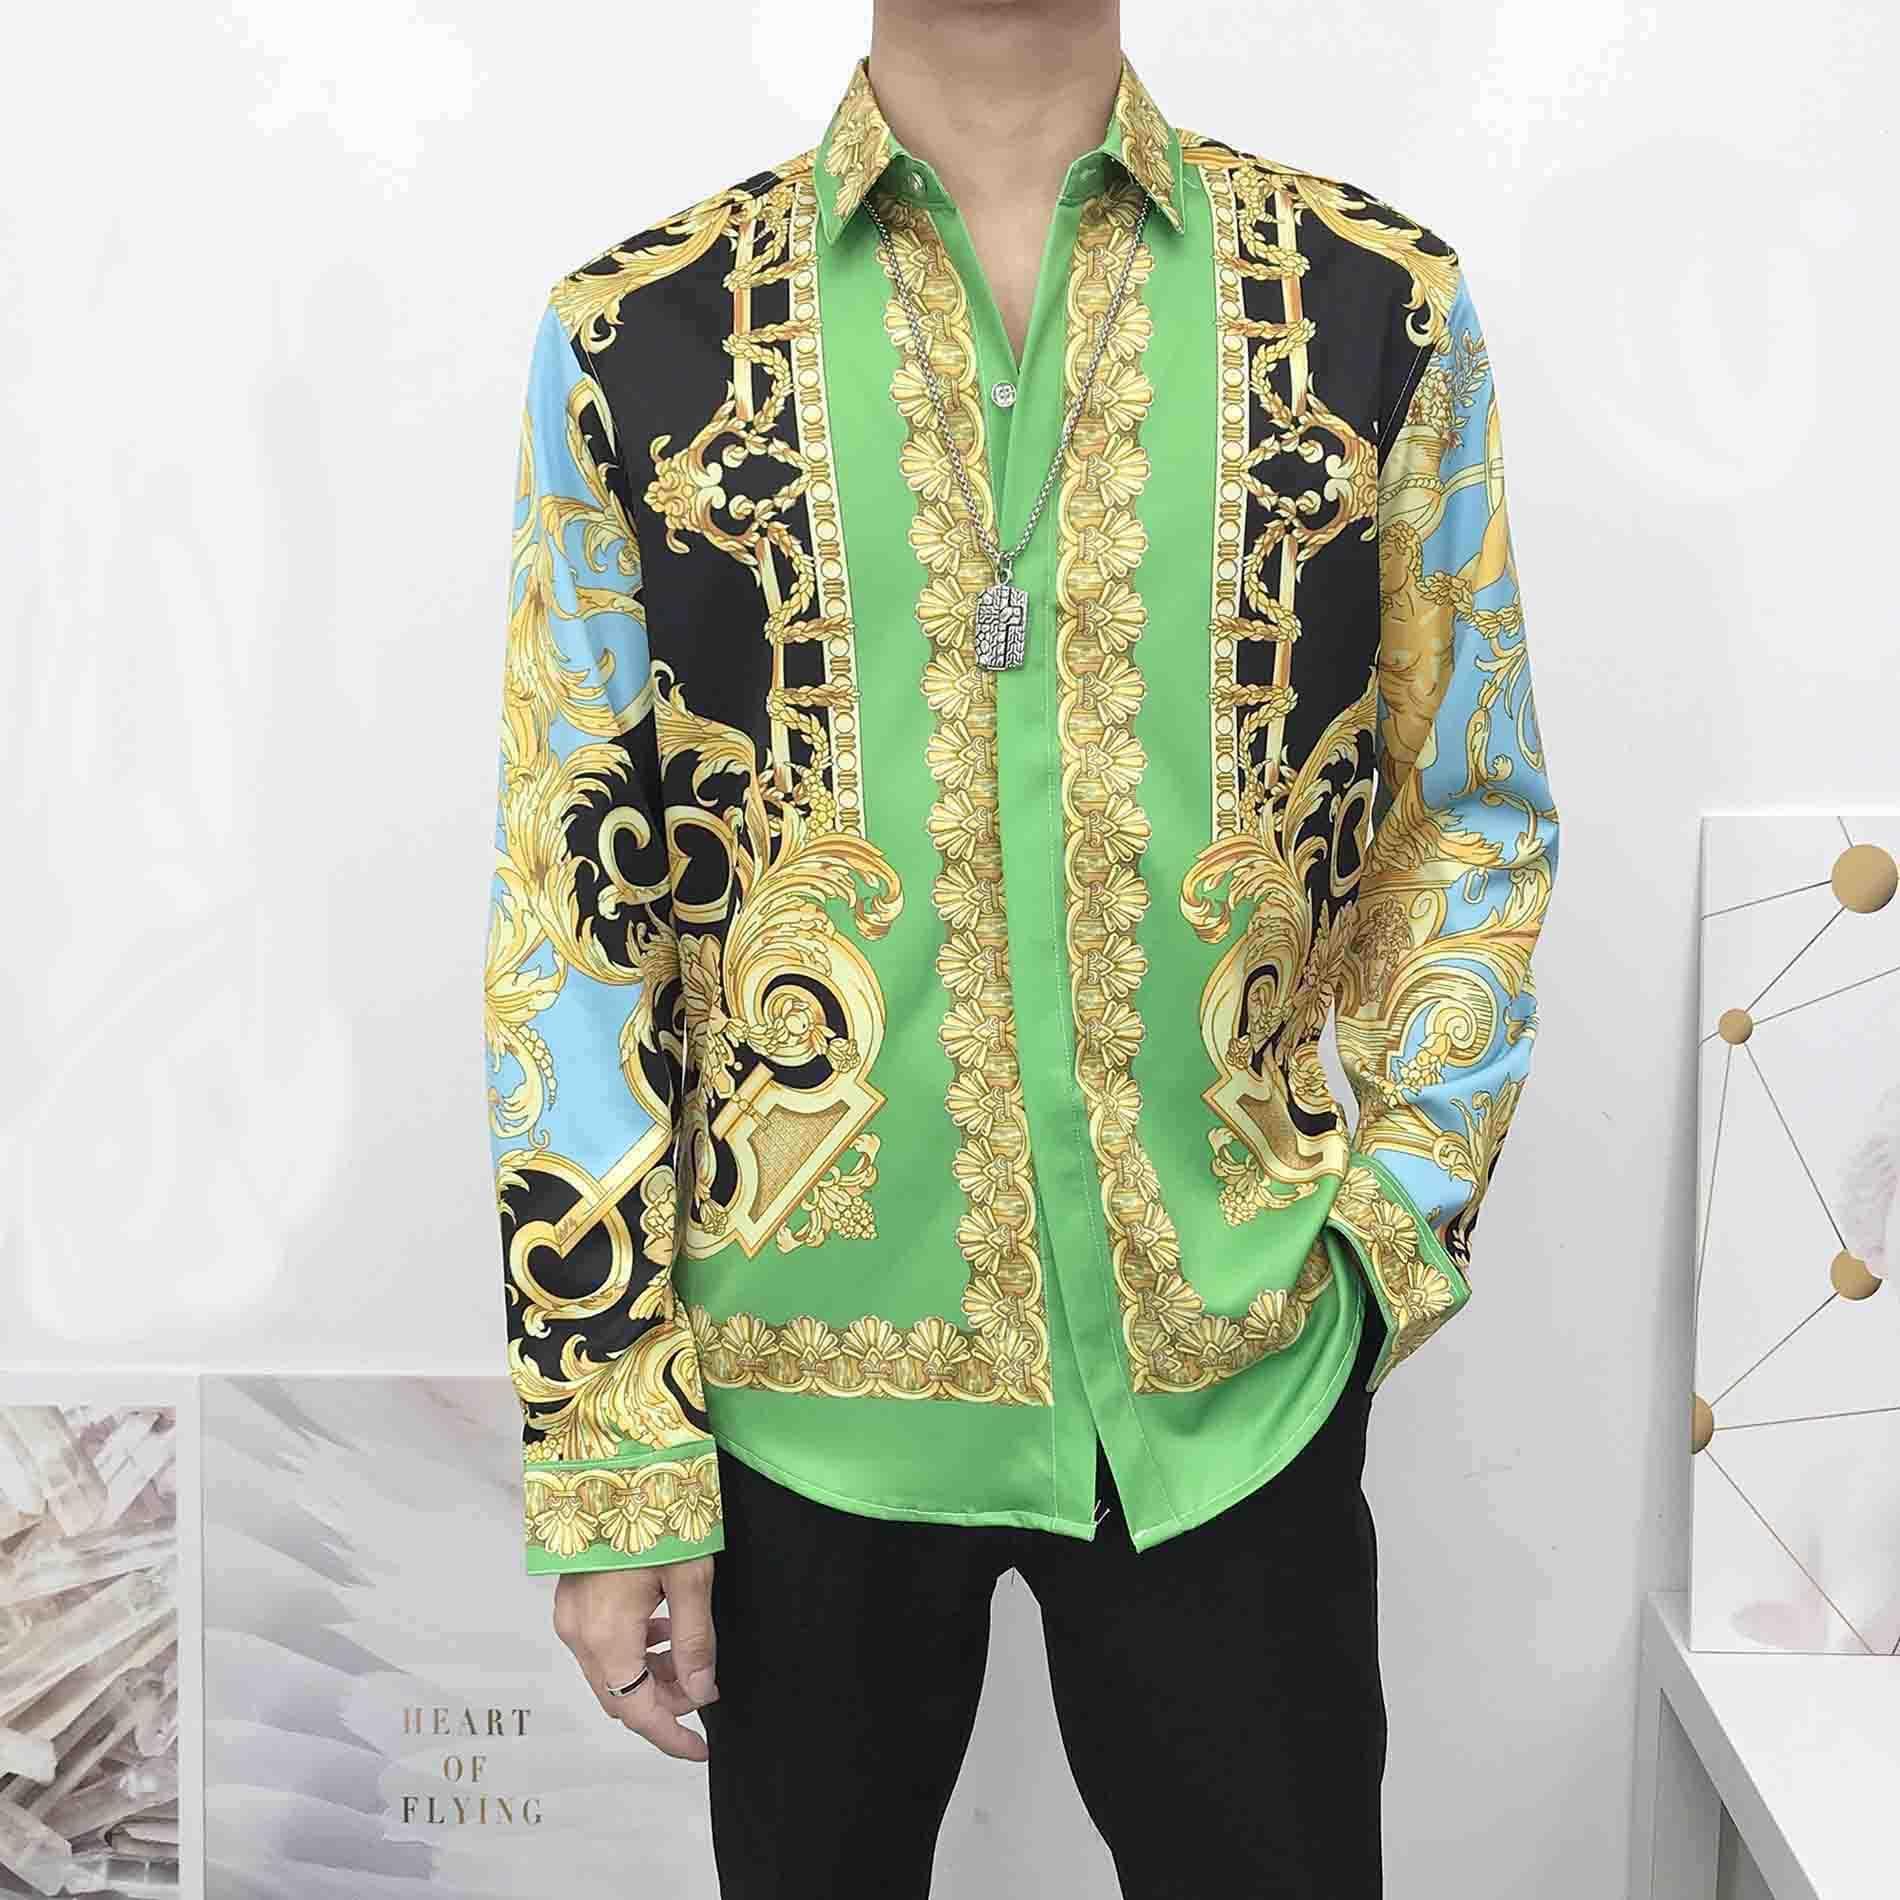 chaud Slim Fit Shirt Medusa Mens Ss = 2019 Robe Hommes 3D Golden Floral Shirt à manches longues Business Casual Shirt Vêtements pour hommes 66